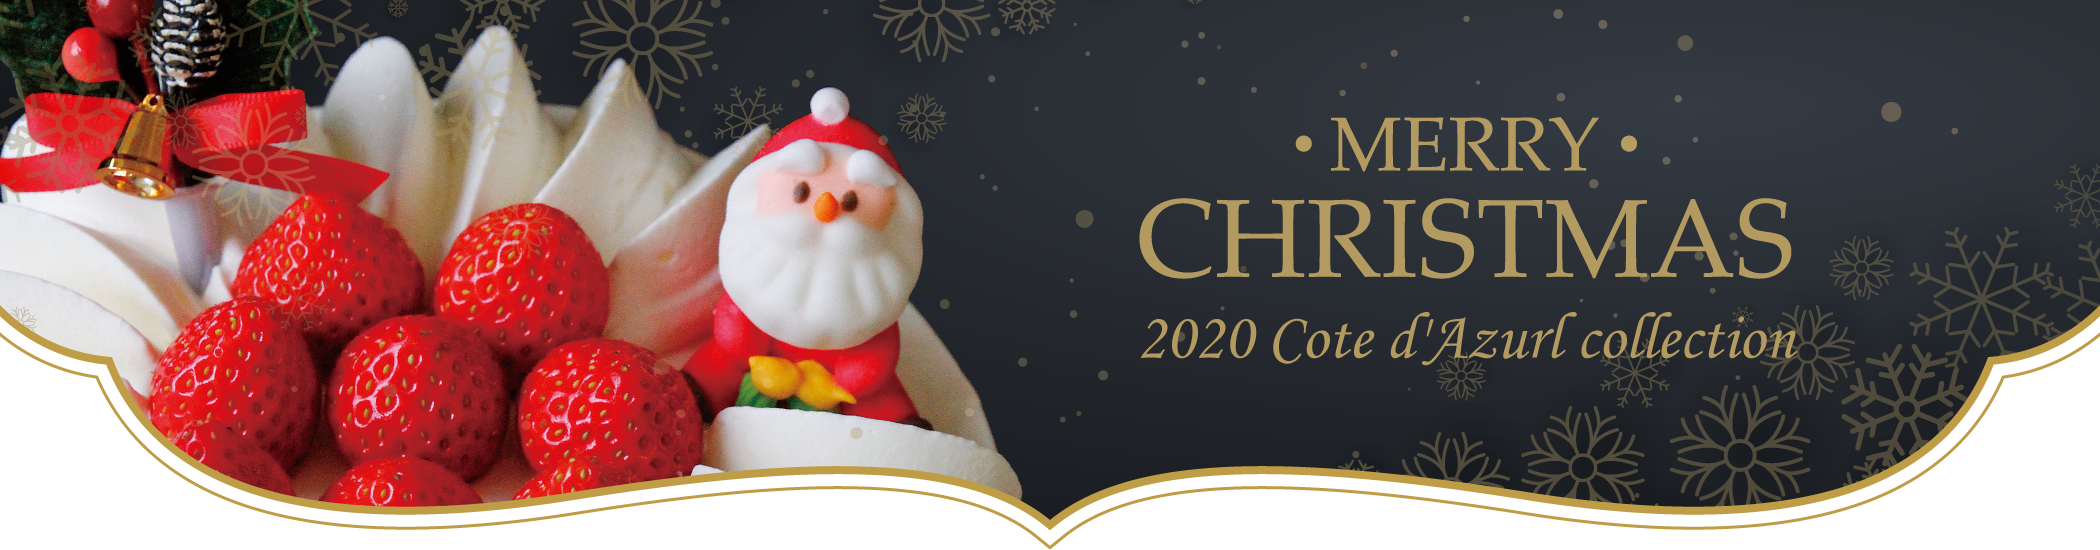 コートダジュールのクリスマスケーキコレクション